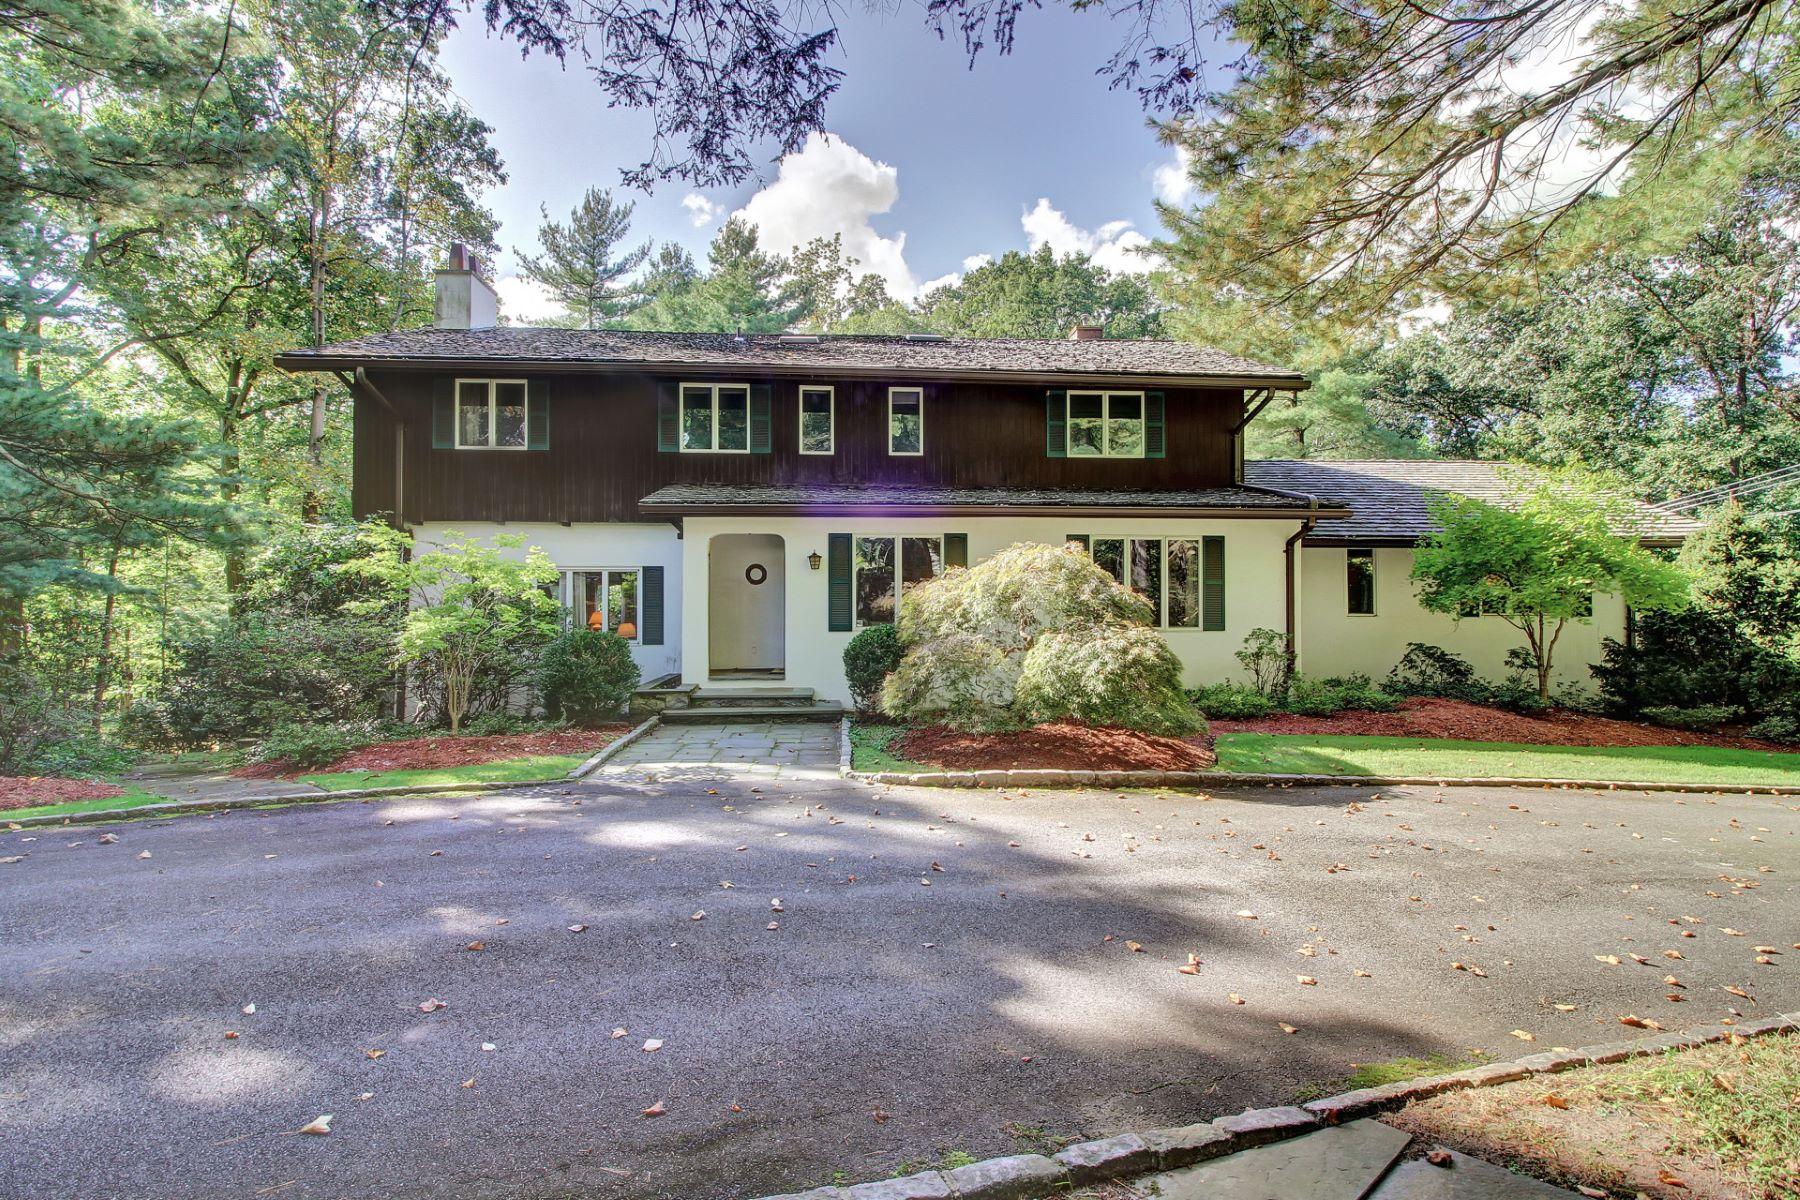 独户住宅 为 销售 在 Alpine's Most Desirable Street 59 Robin Lane, 阿尔派恩, 新泽西州, 07620 美国